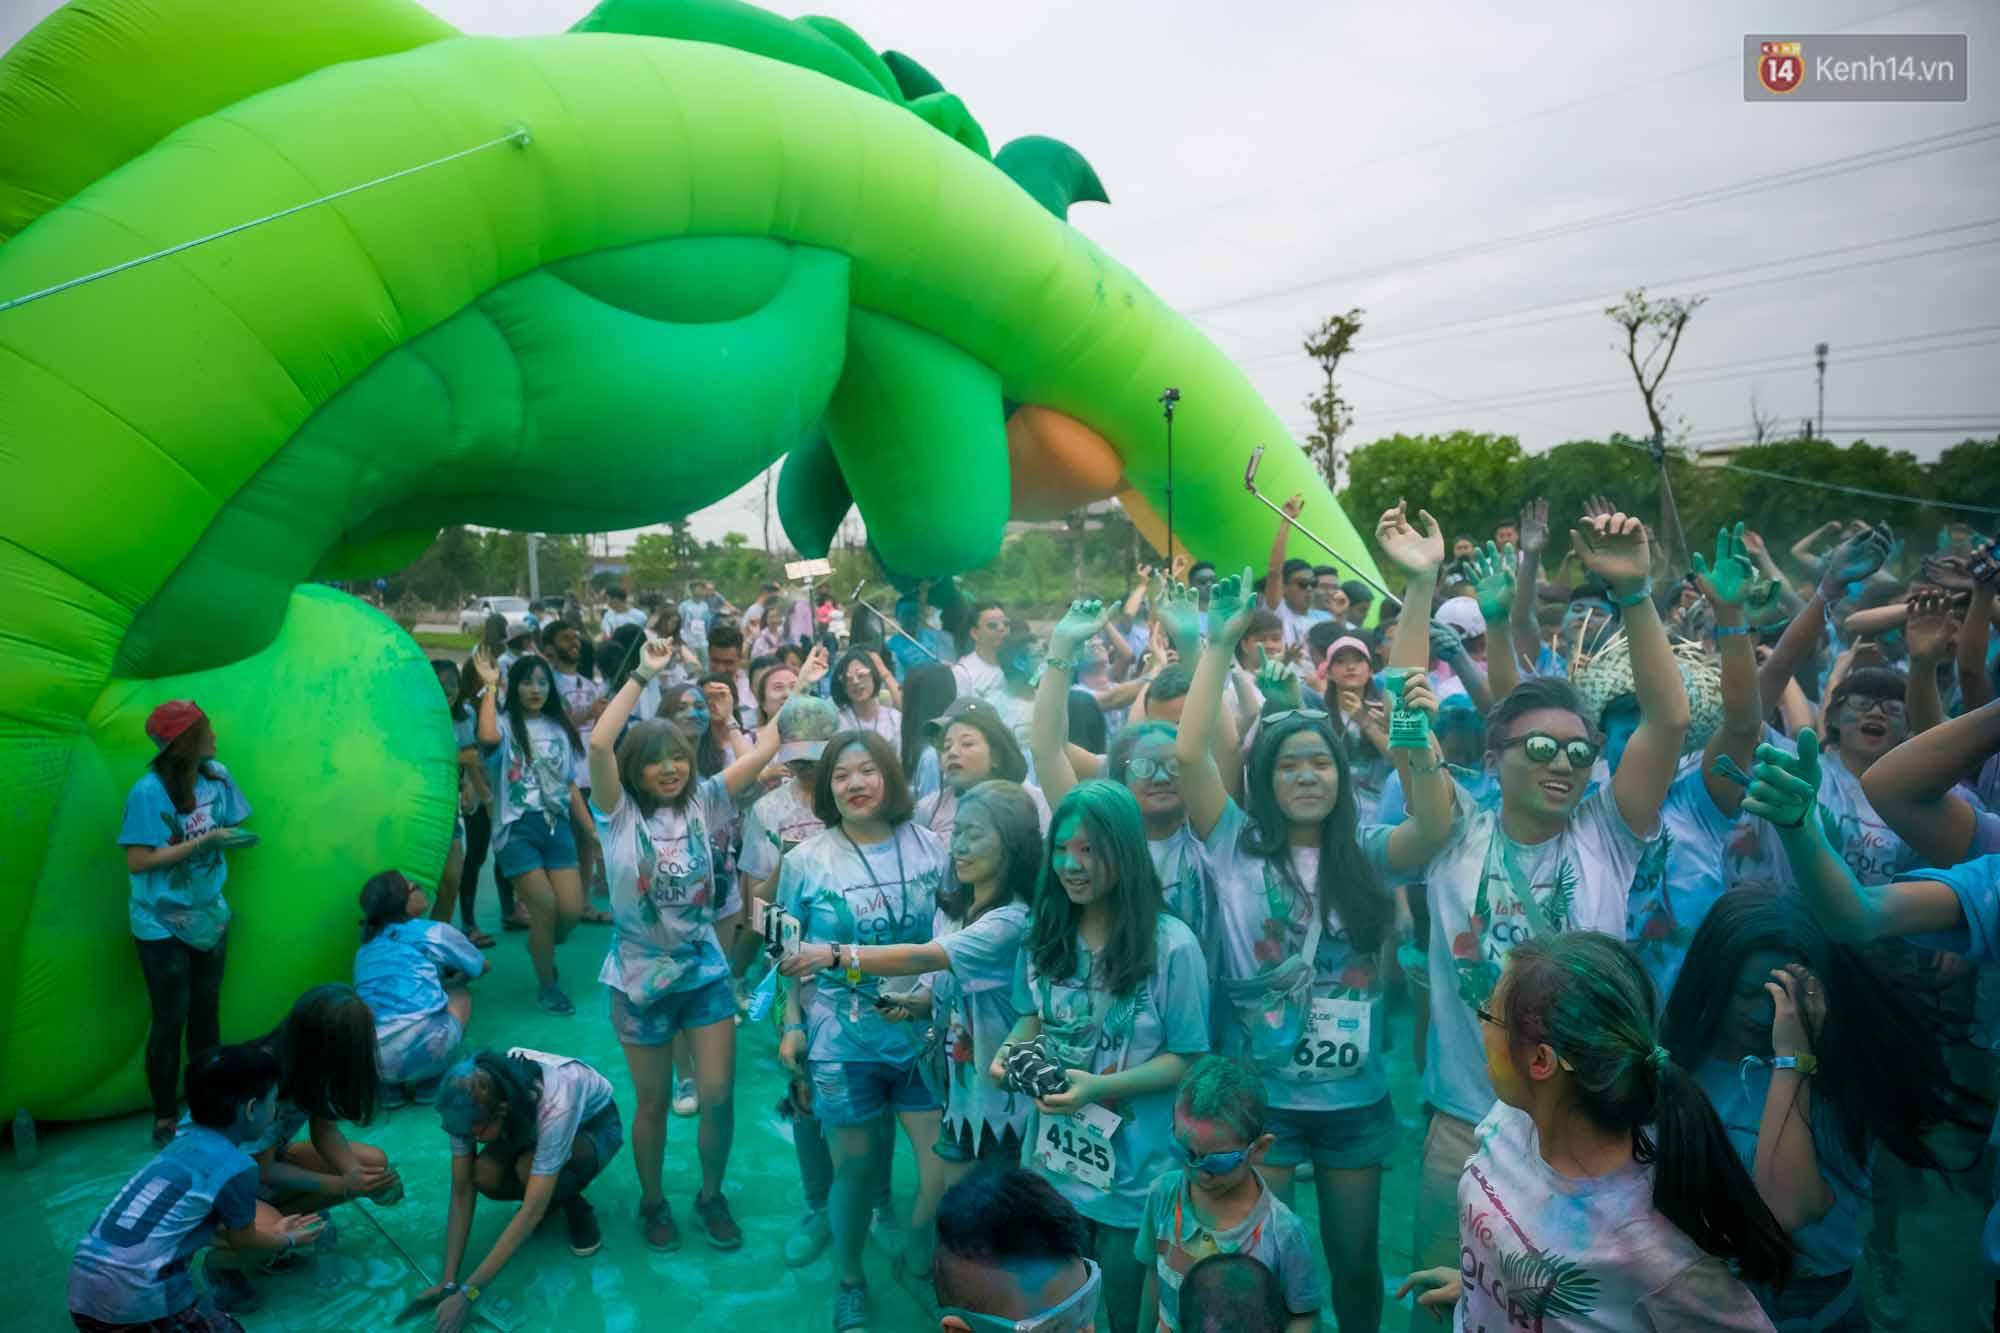 Những khoảnh khắc chứng minh đi Color Me Run lúc nào cũng vui và được quẩy hết mình! - Ảnh 13.